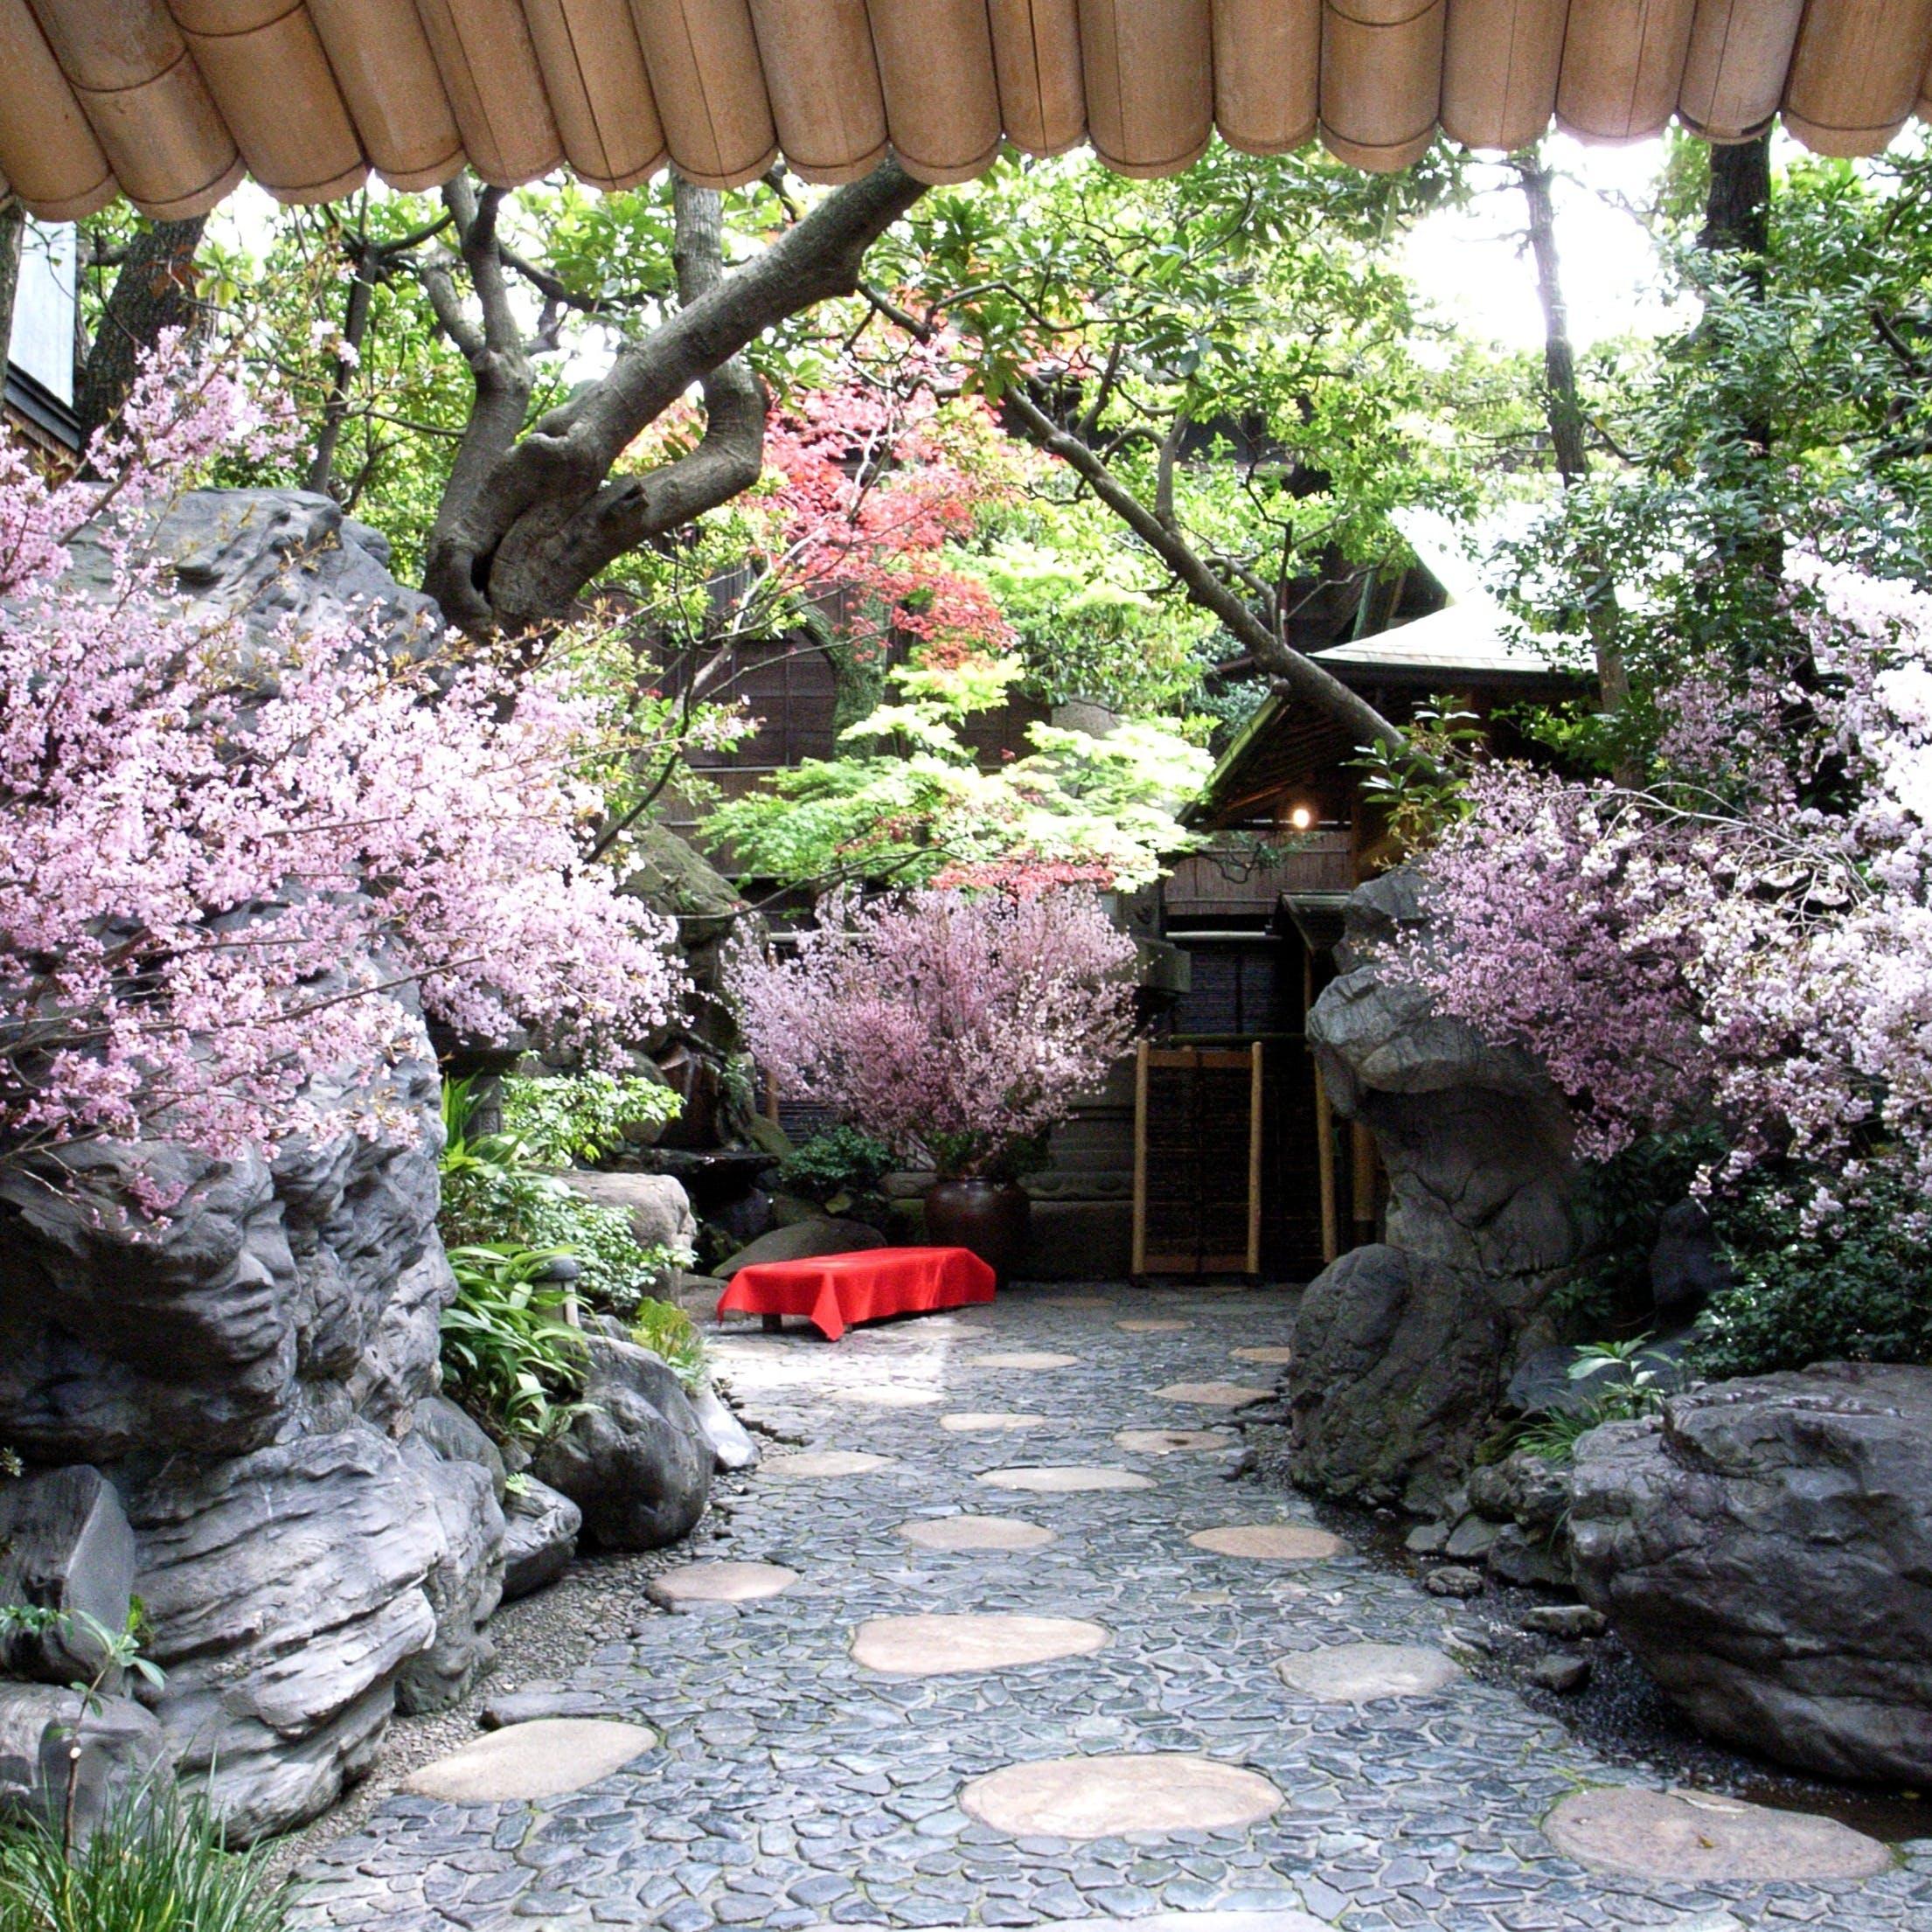 天地山海の恵みに心を込めて、日本料理の粋をお届けします